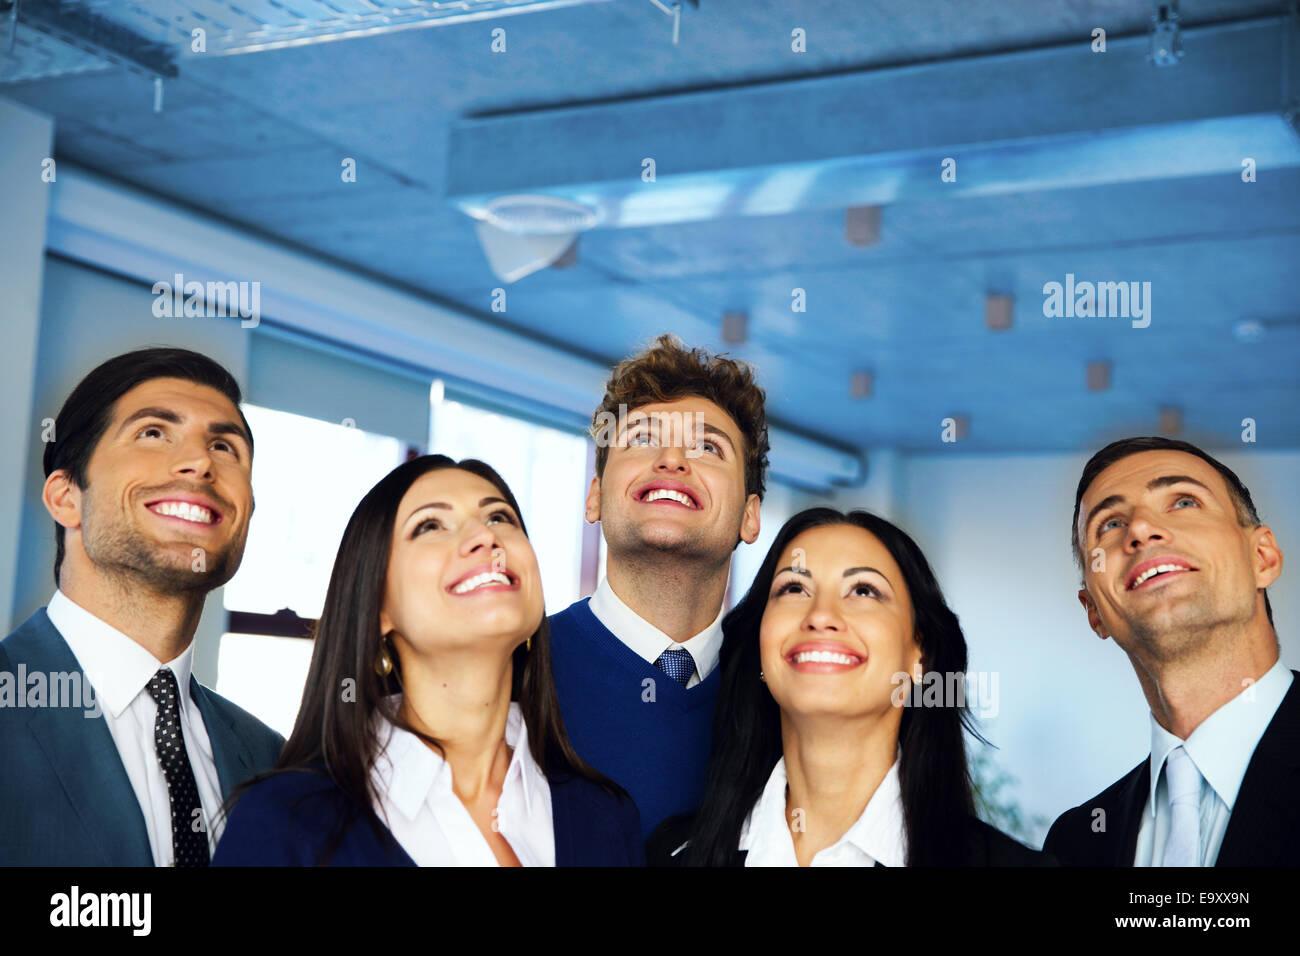 Glücklich positive Unternehmensgruppe mit Träumen Ausdruck nachschlagen Stockbild